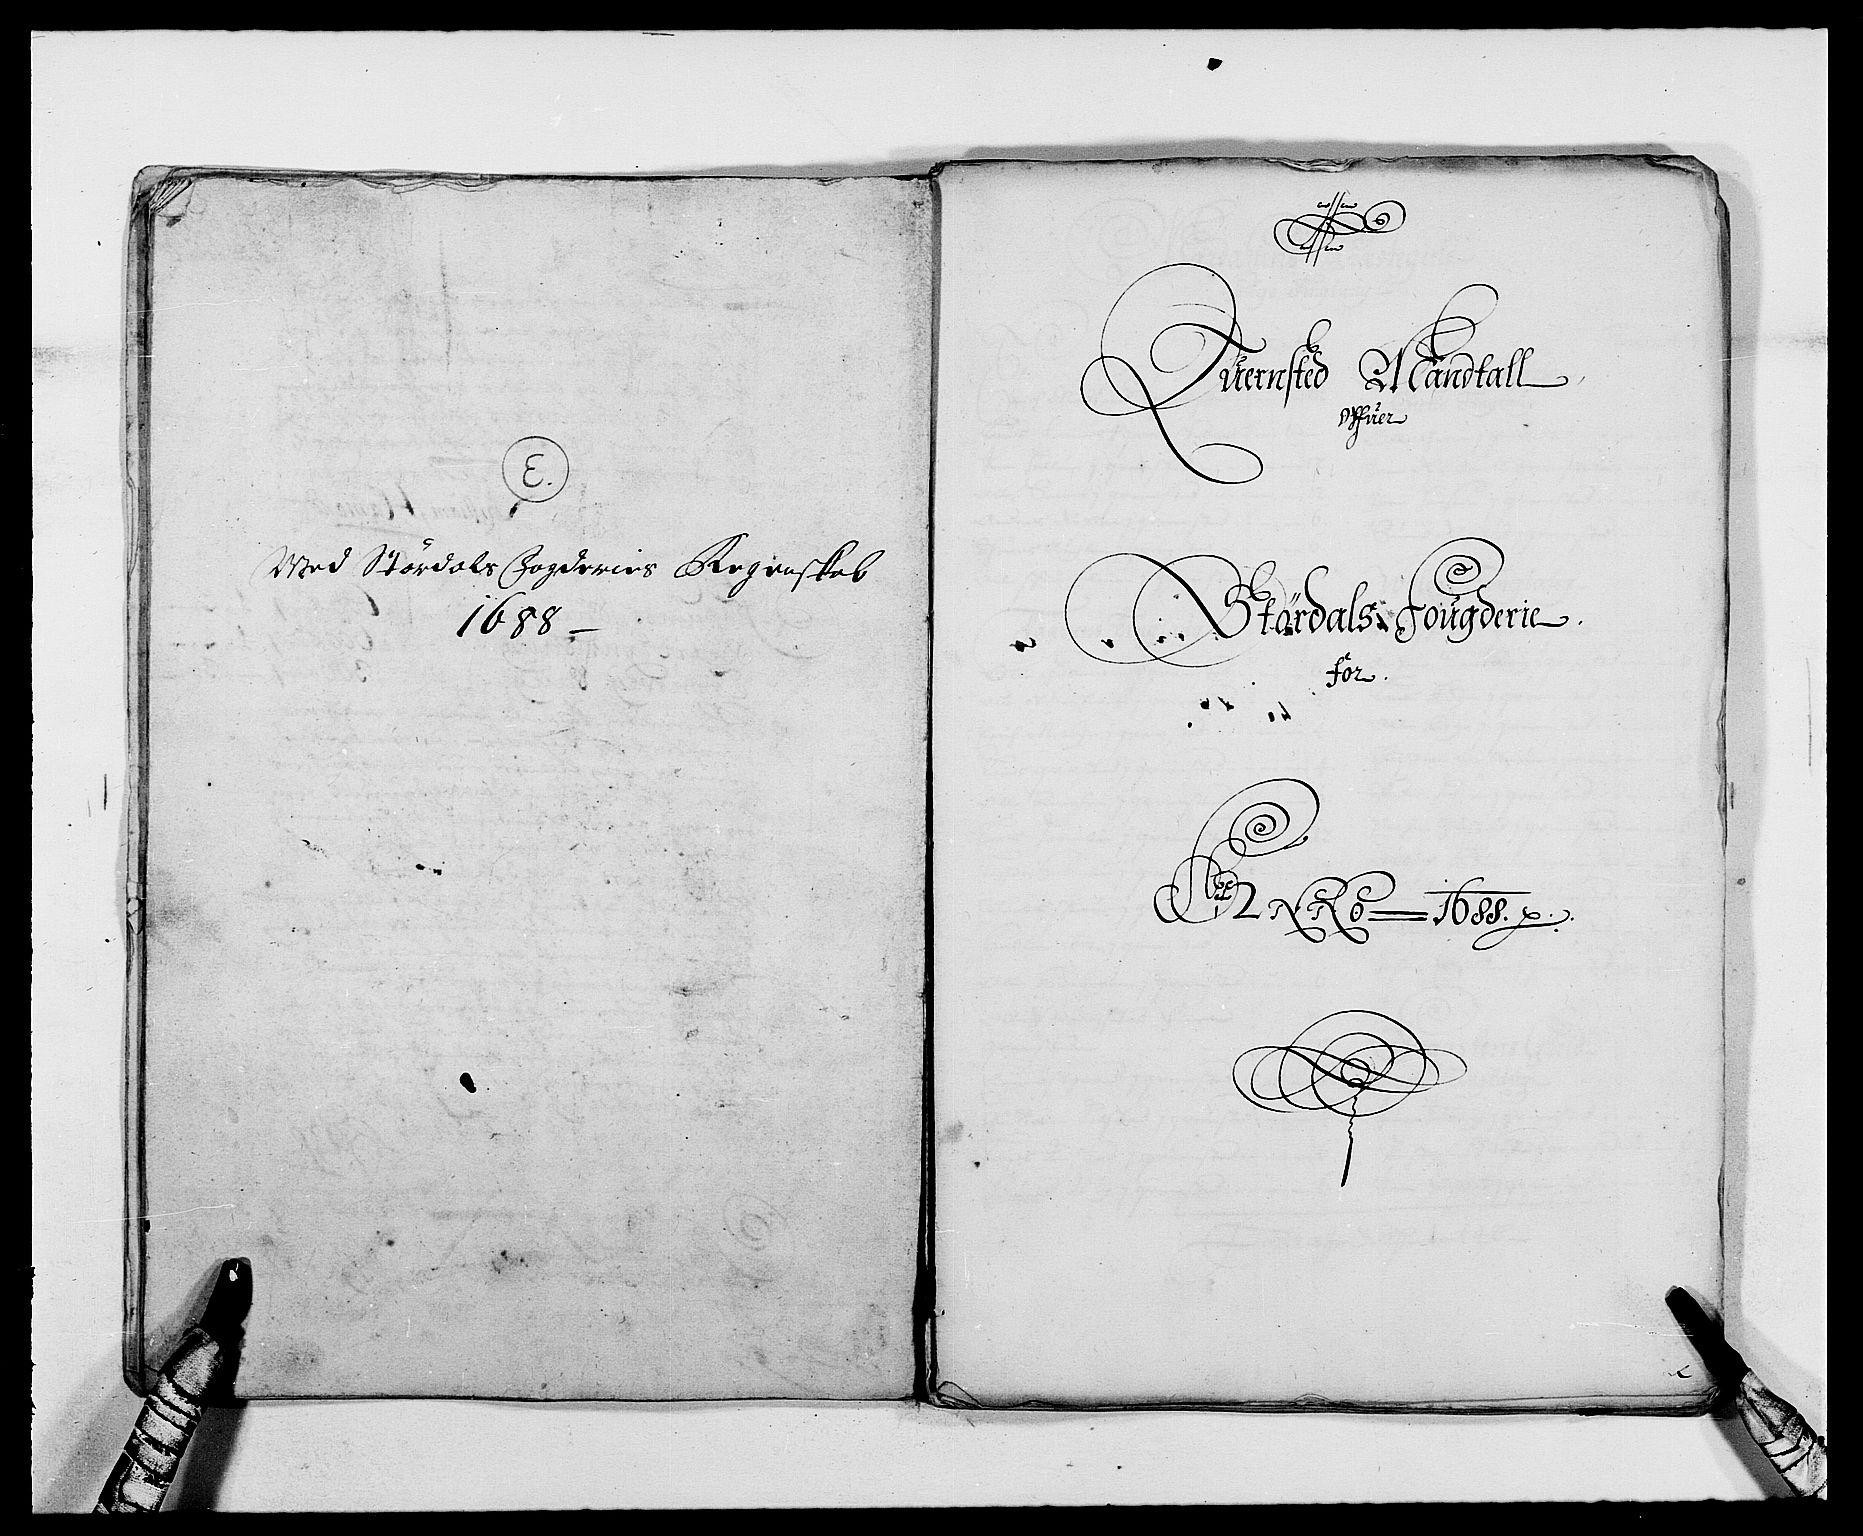 RA, Rentekammeret inntil 1814, Reviderte regnskaper, Fogderegnskap, R62/L4183: Fogderegnskap Stjørdal og Verdal, 1687-1689, s. 215